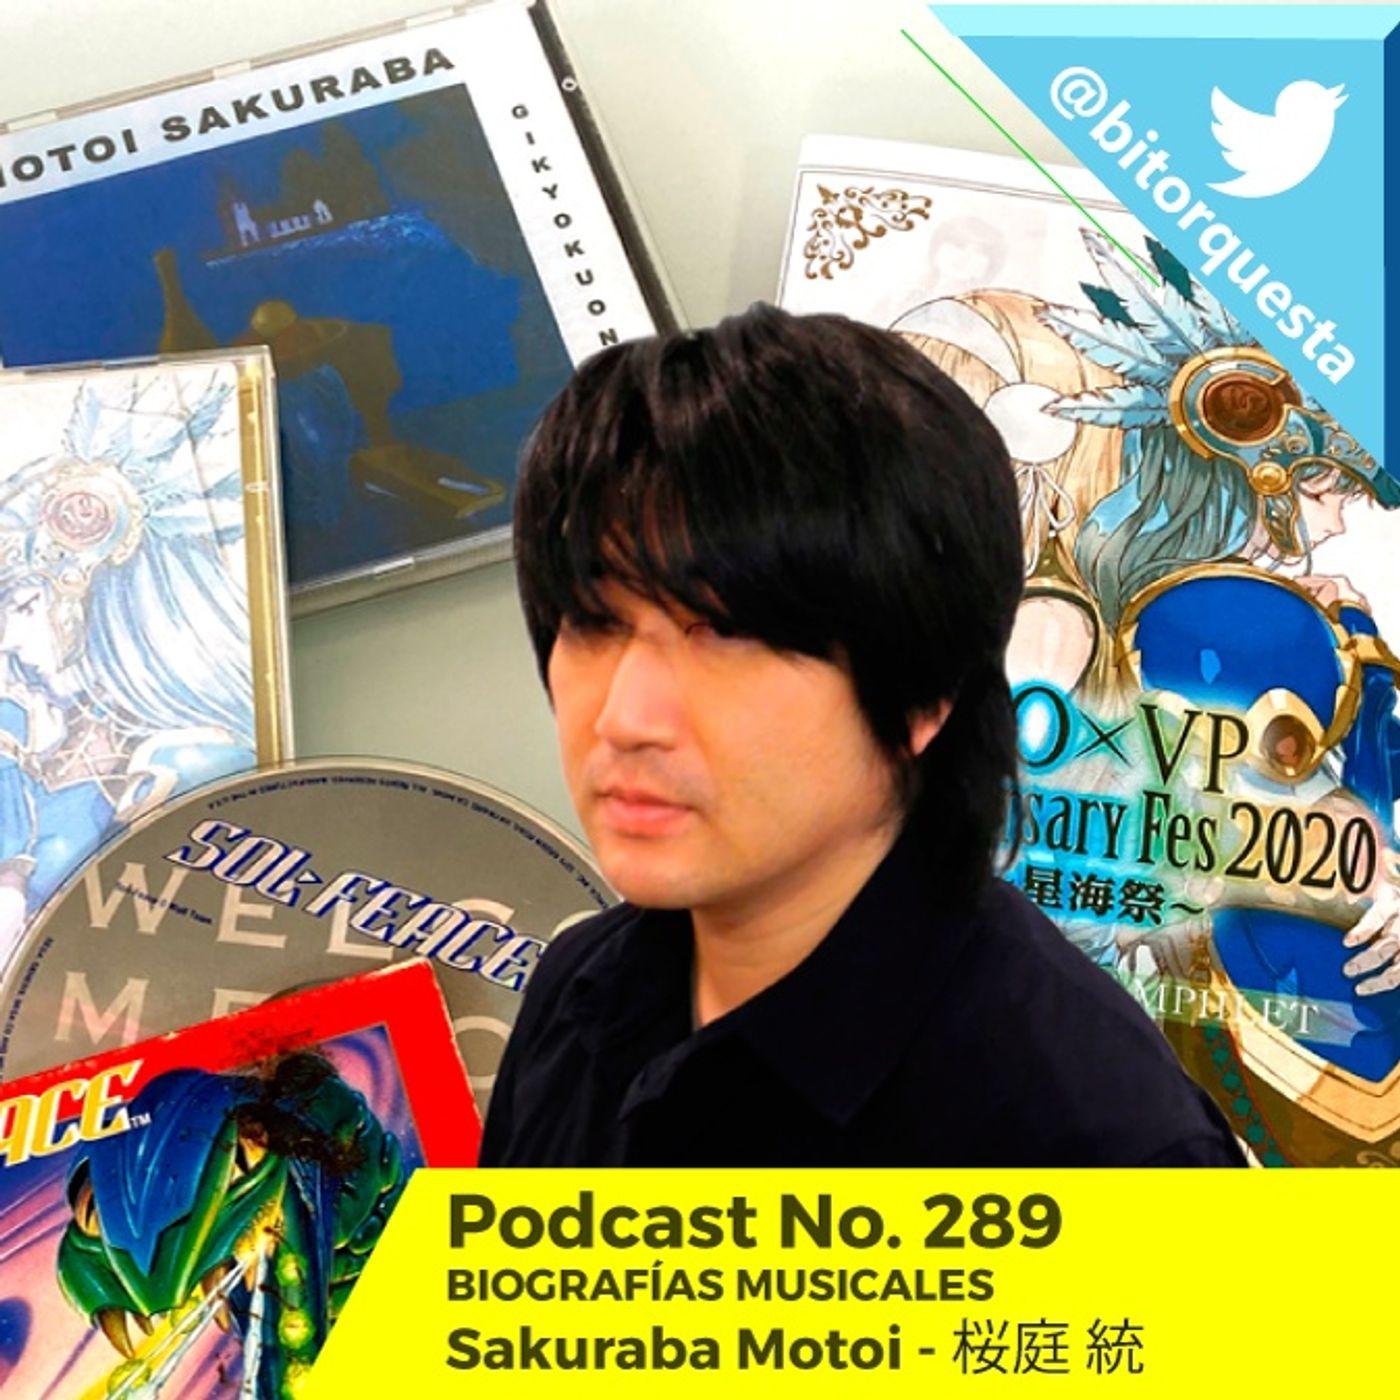 289 - Sakuraba Motoi, Biografías Musicales